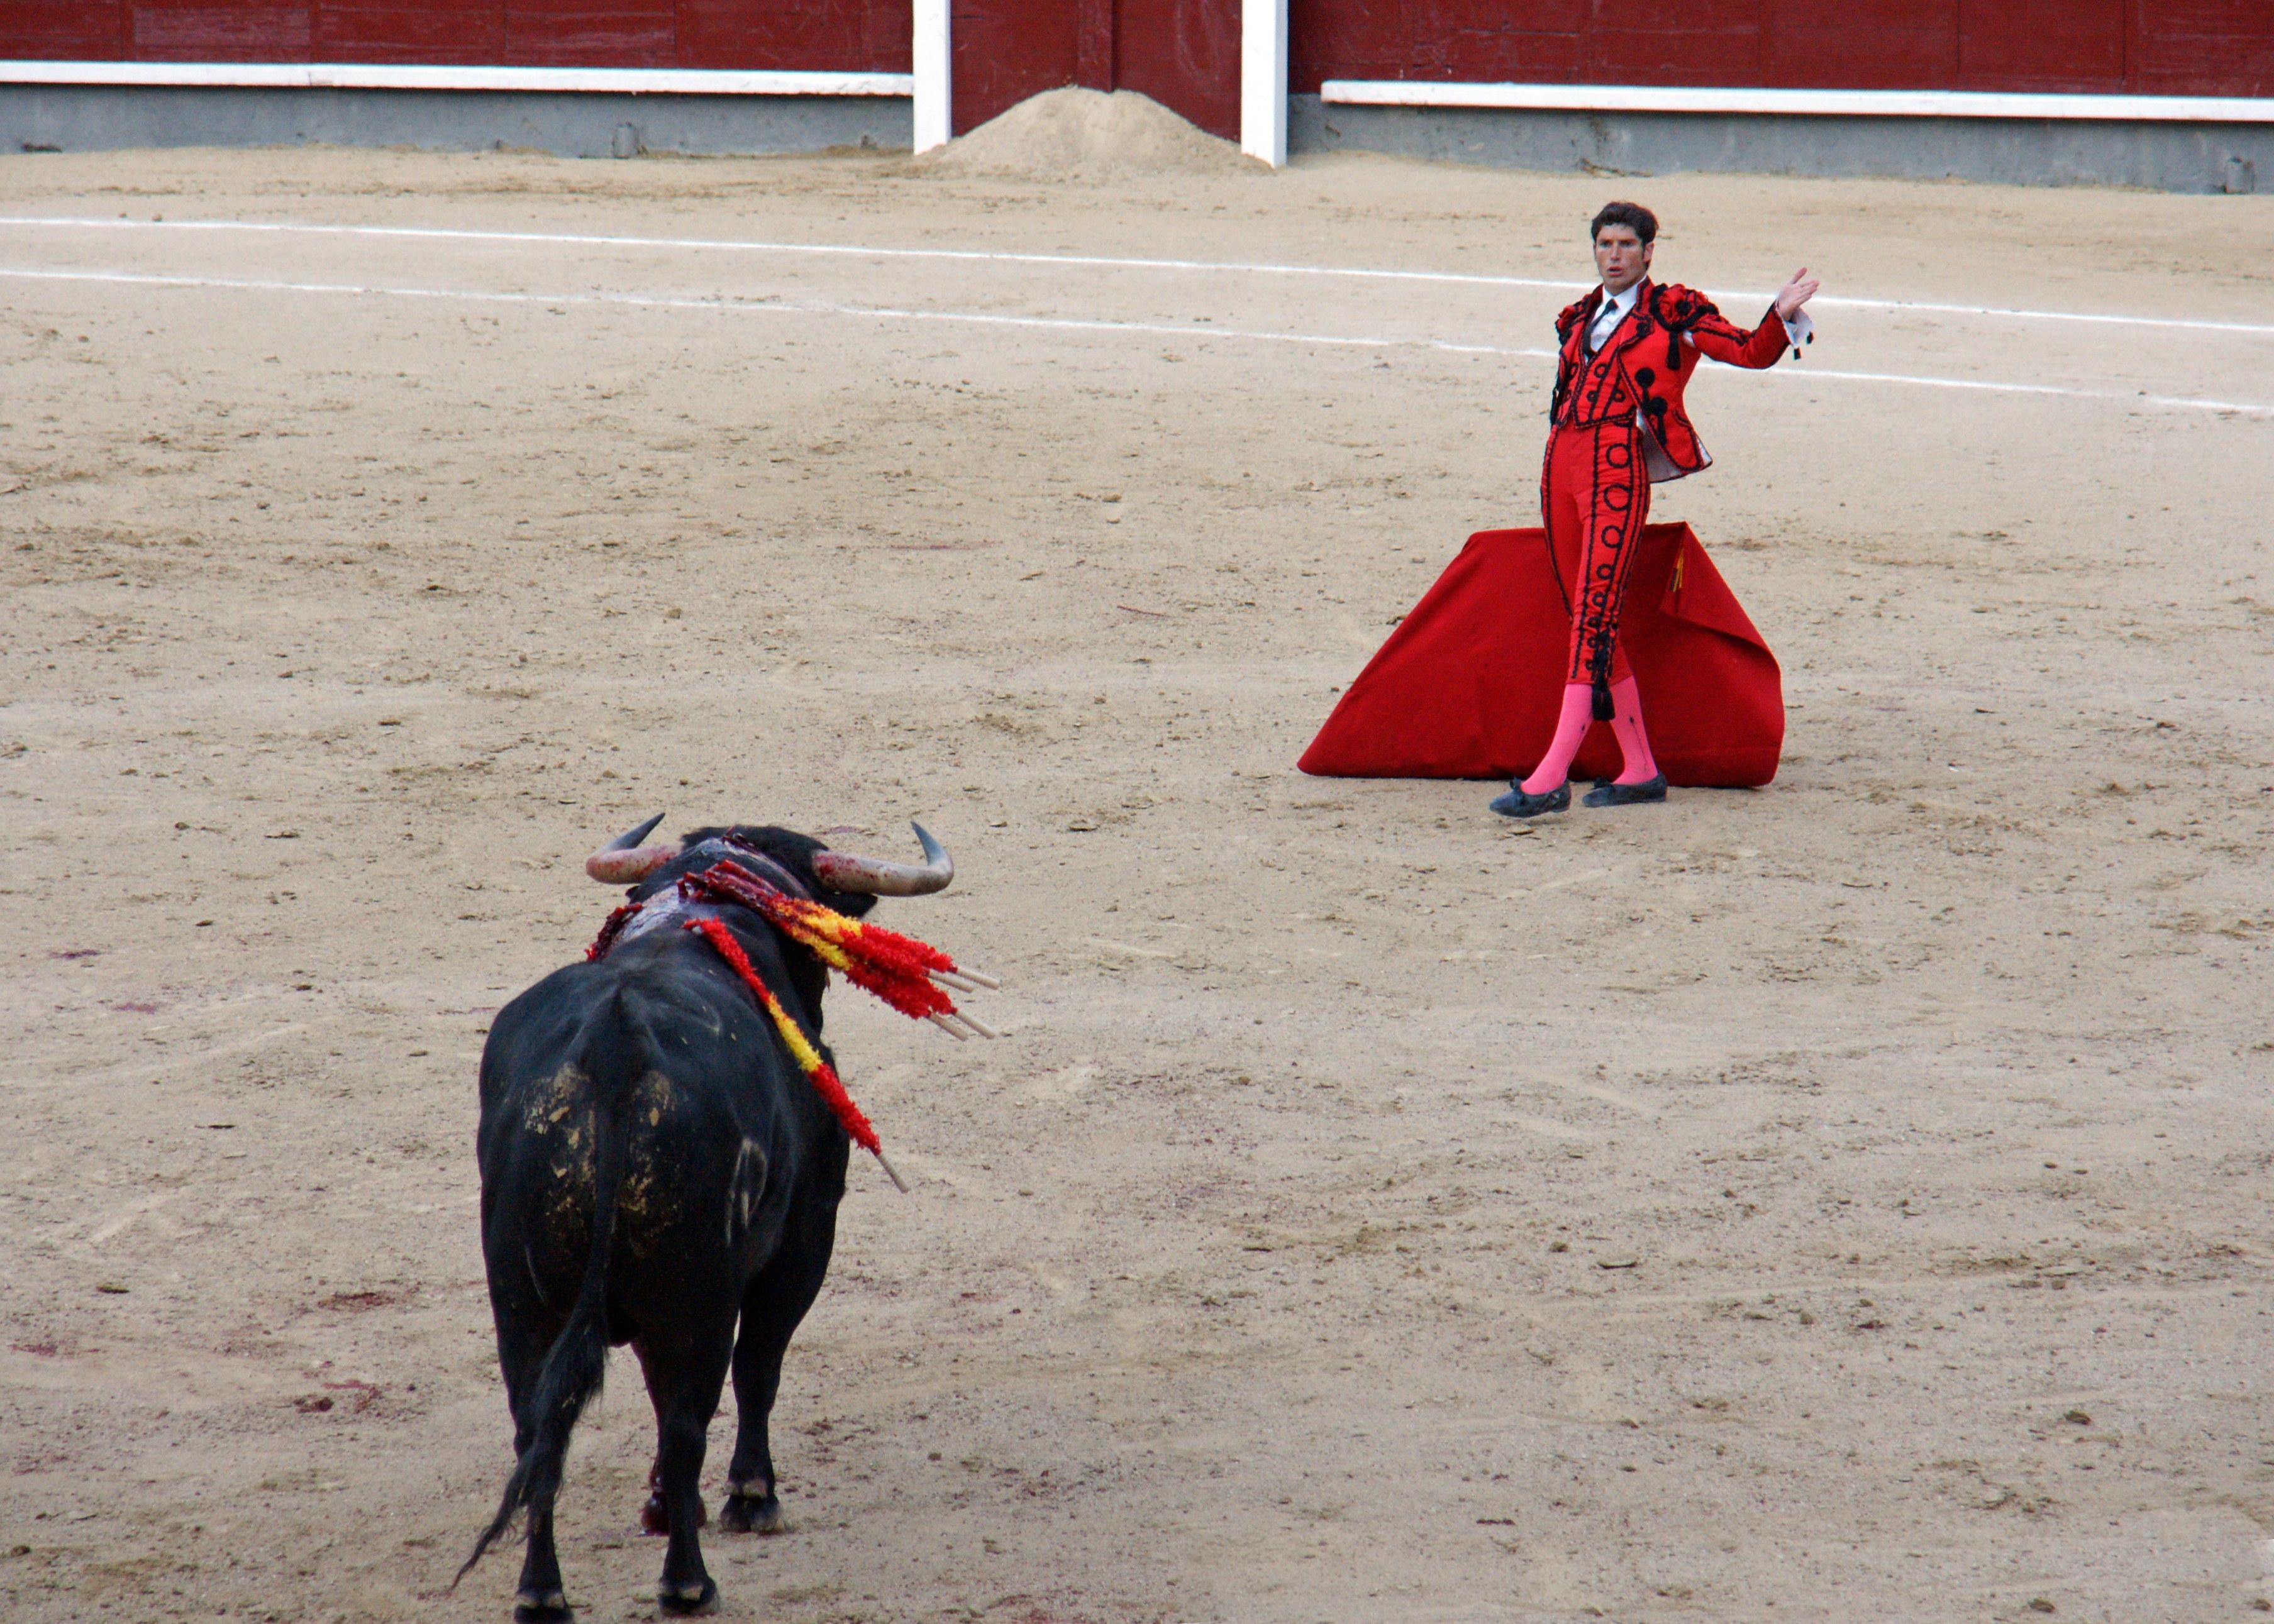 Tauromaquia-Matador-Gallery44